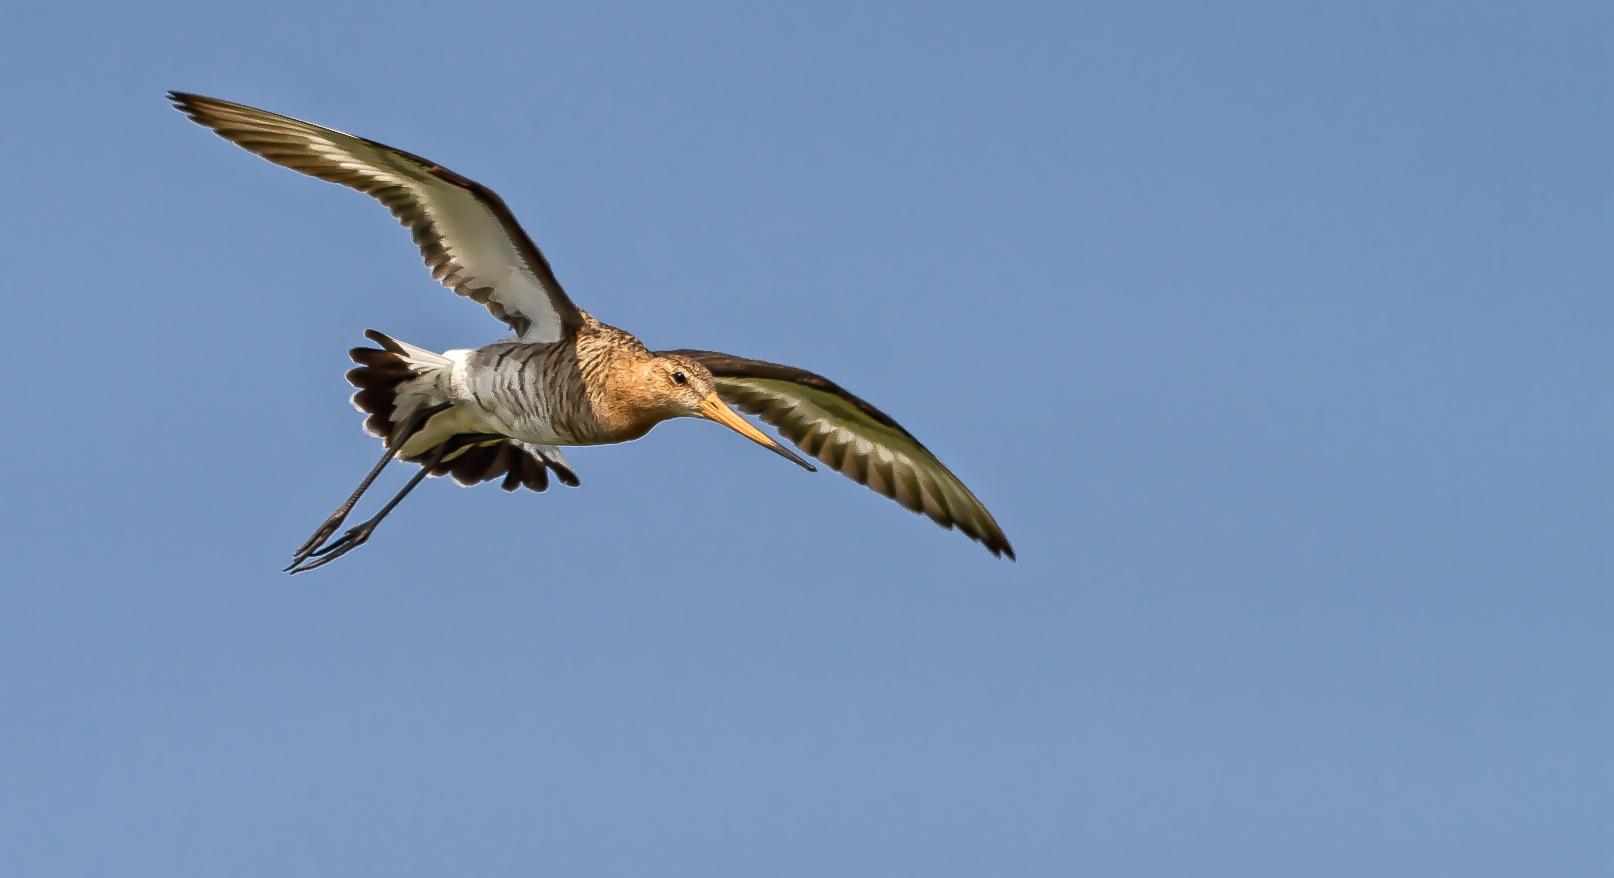 Grutto in vlucht bij natuurgebied WaalenBurg op Texel / Grutto in flight at the WaalenBurg nature reserve on Texel